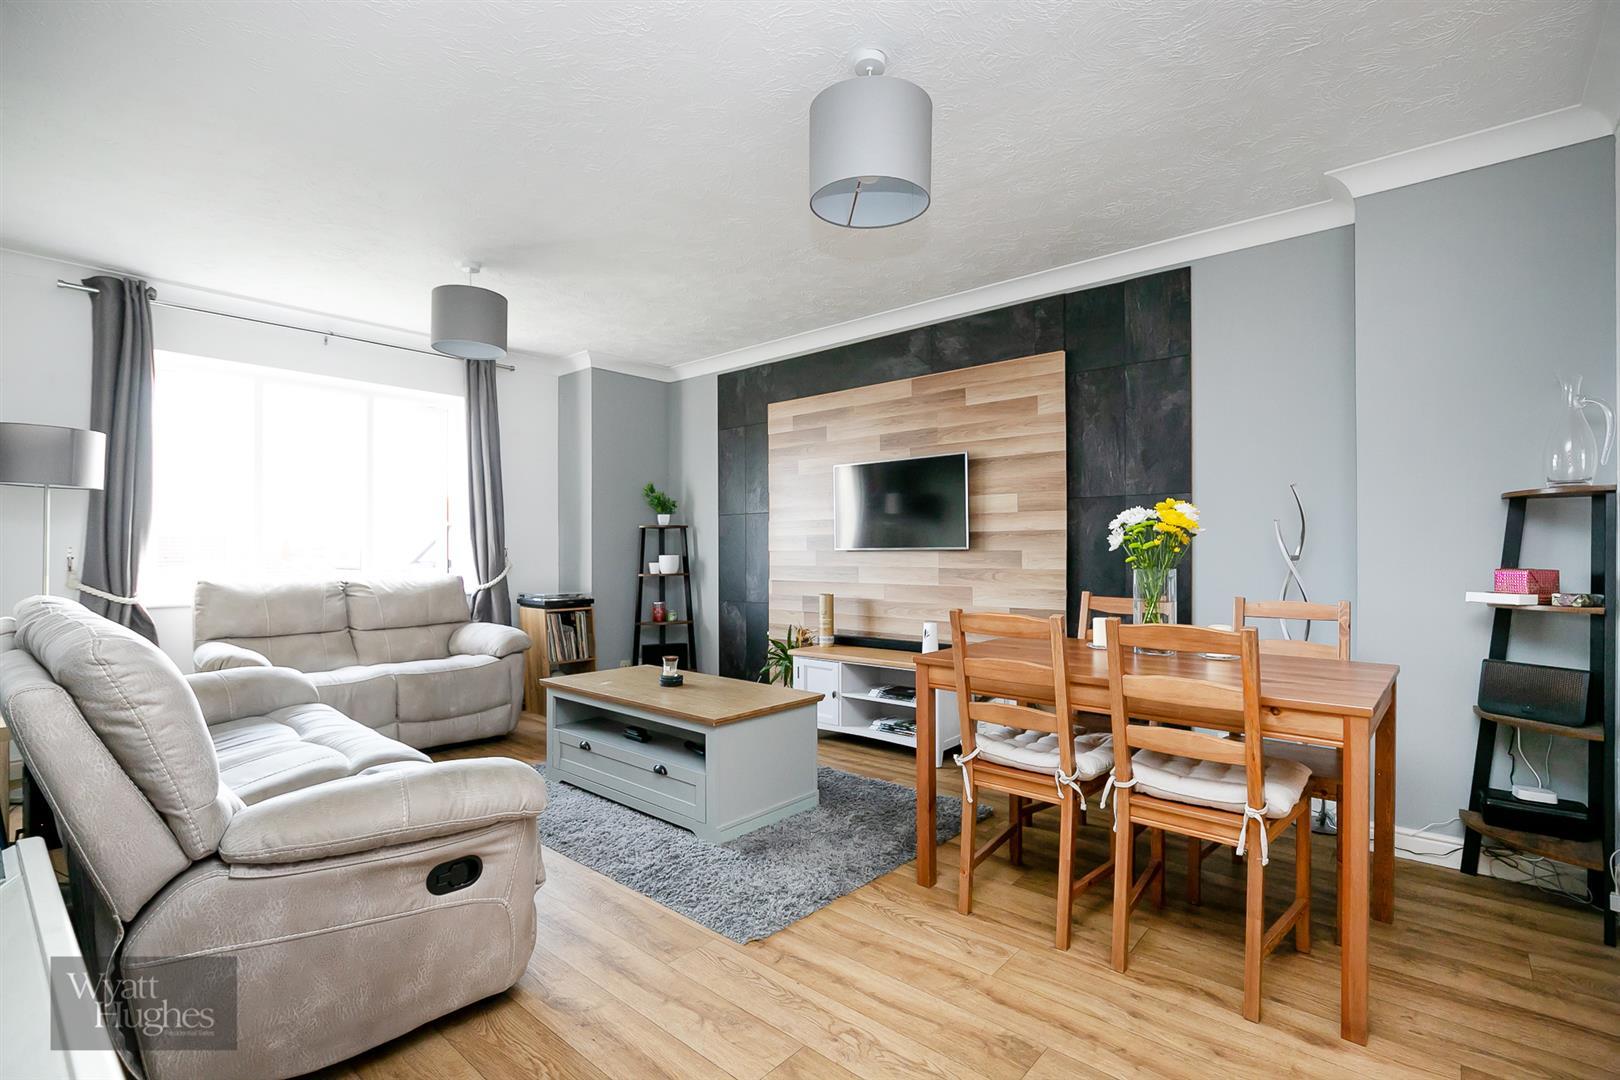 2 bed flat for sale in 143 De La Warr Road, Bexhill-On-Sea, TN40